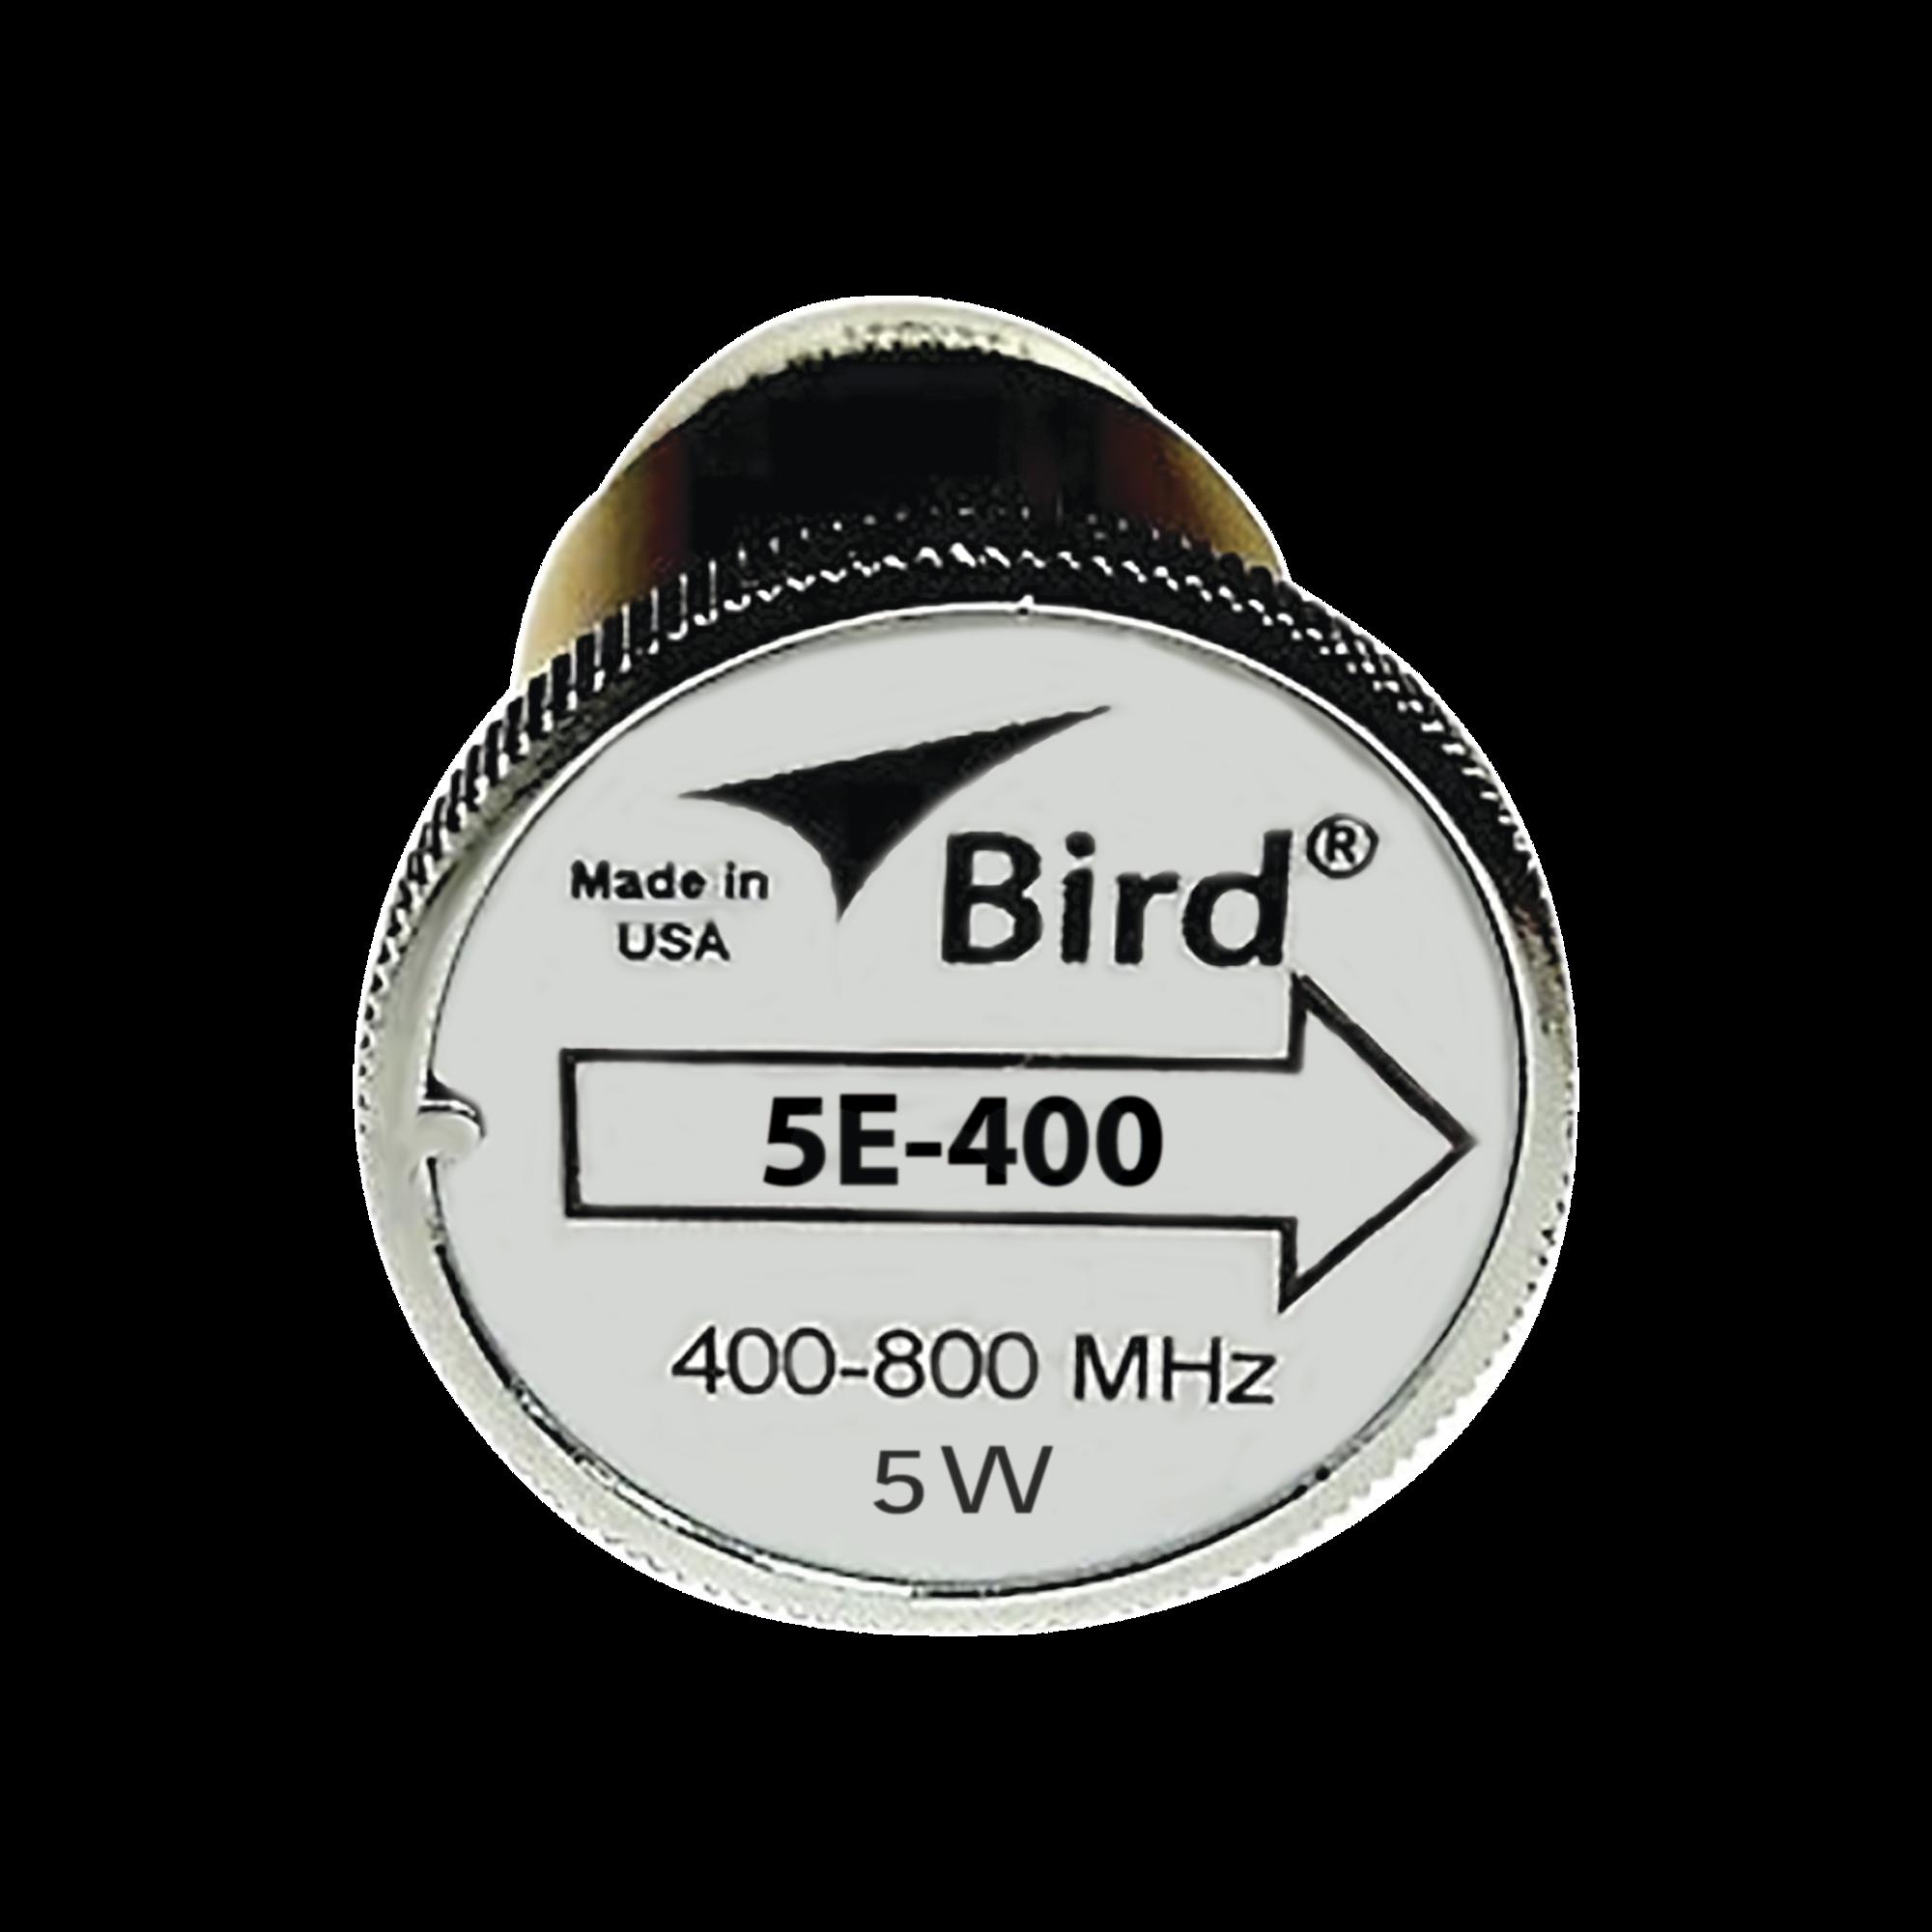 Elemento de 5 Watt en linea 7/8 para Wattmetro BIRD 43 en Rango de Frecuencia de 400 a 800 MHz.